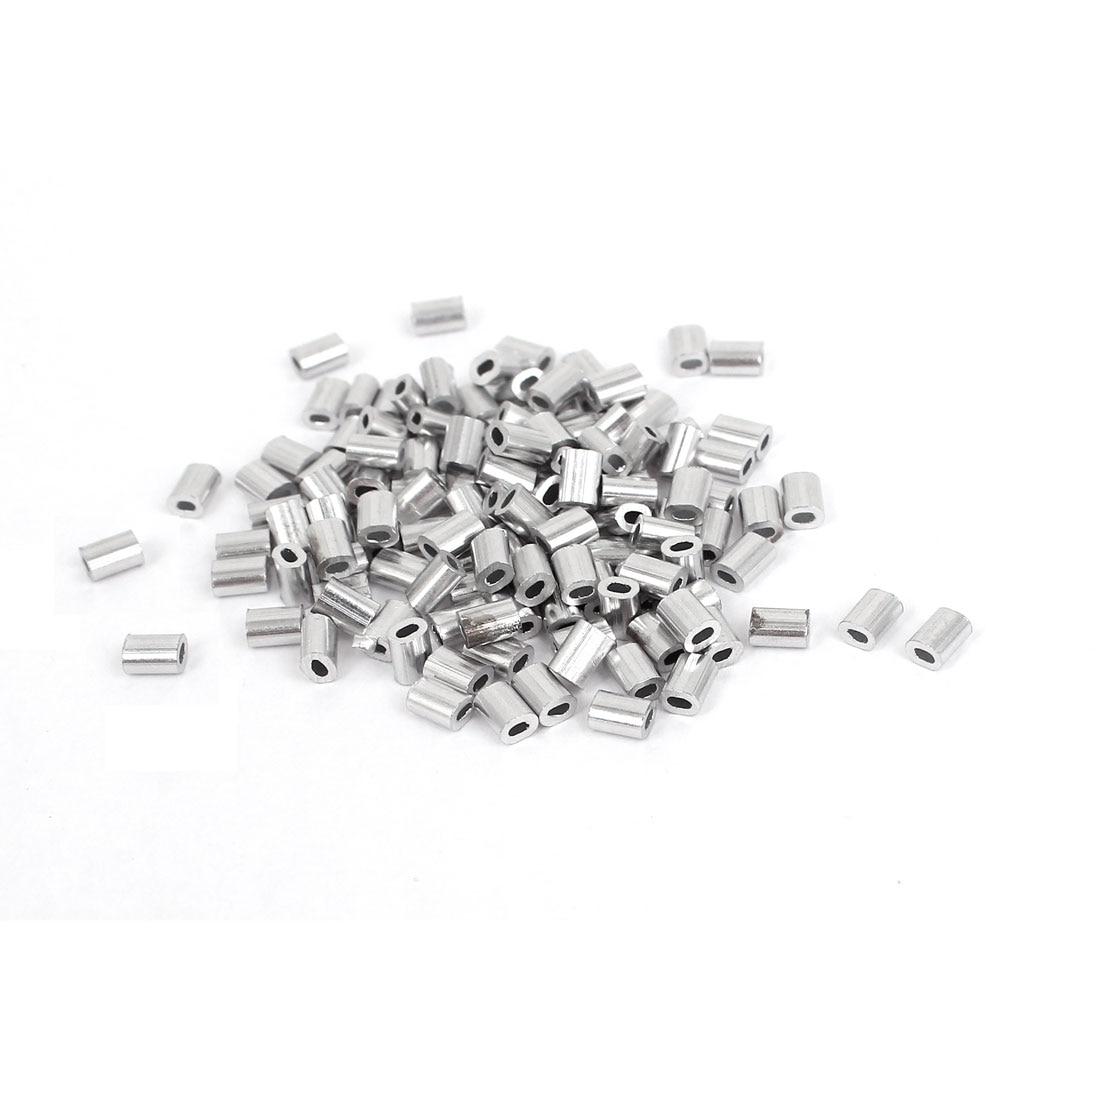 UXCELL Hot Sale 100 unidades/pacote 1mm Fio de Alumínio Cabo Crimps Mangas Clipe Fittings Laço Luva Cordas Ponteiras de Prata tom